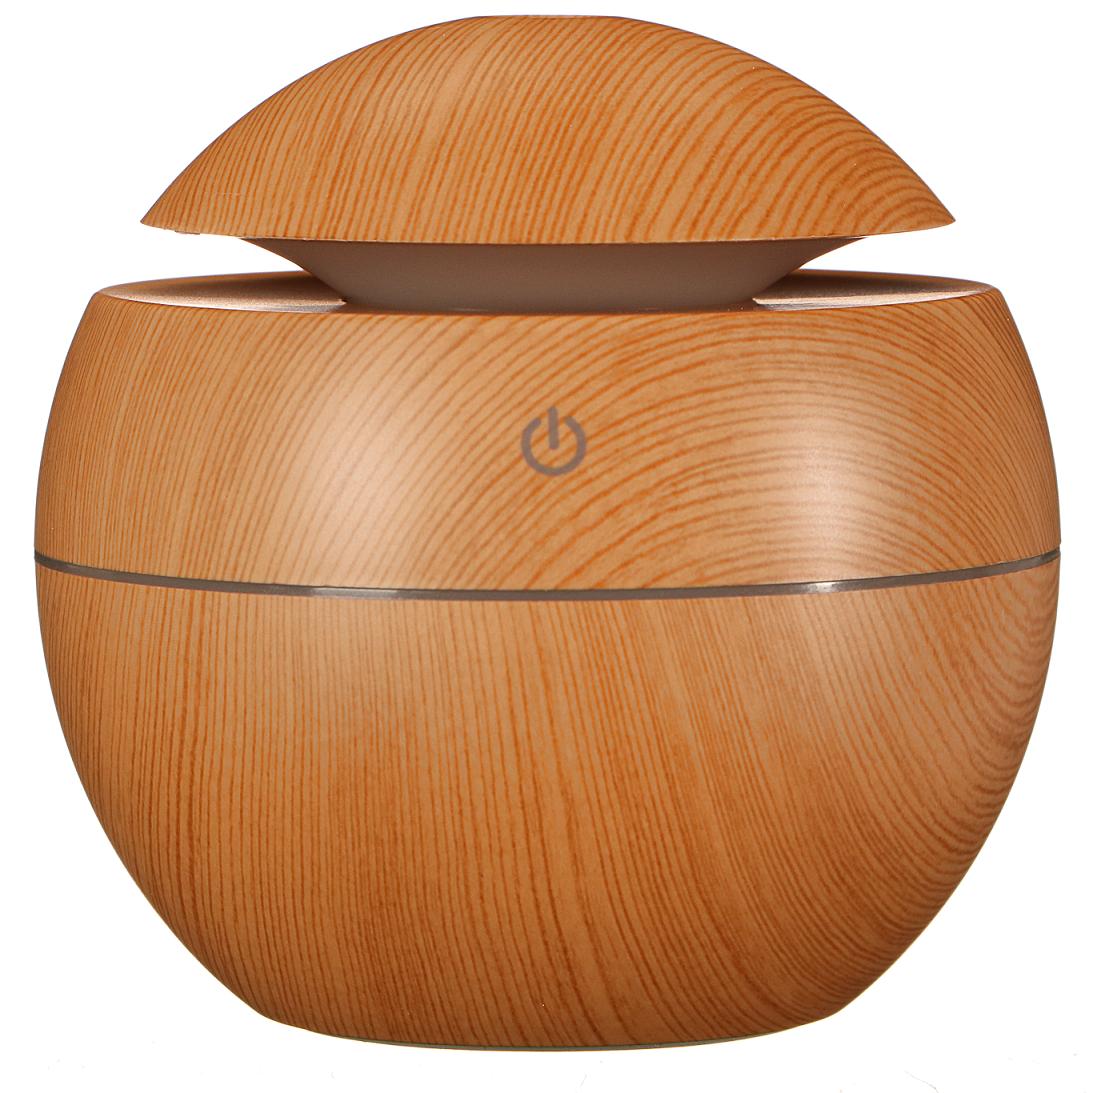 Aroma difuzer Ball světlé dřevo 130ml SIXTOL